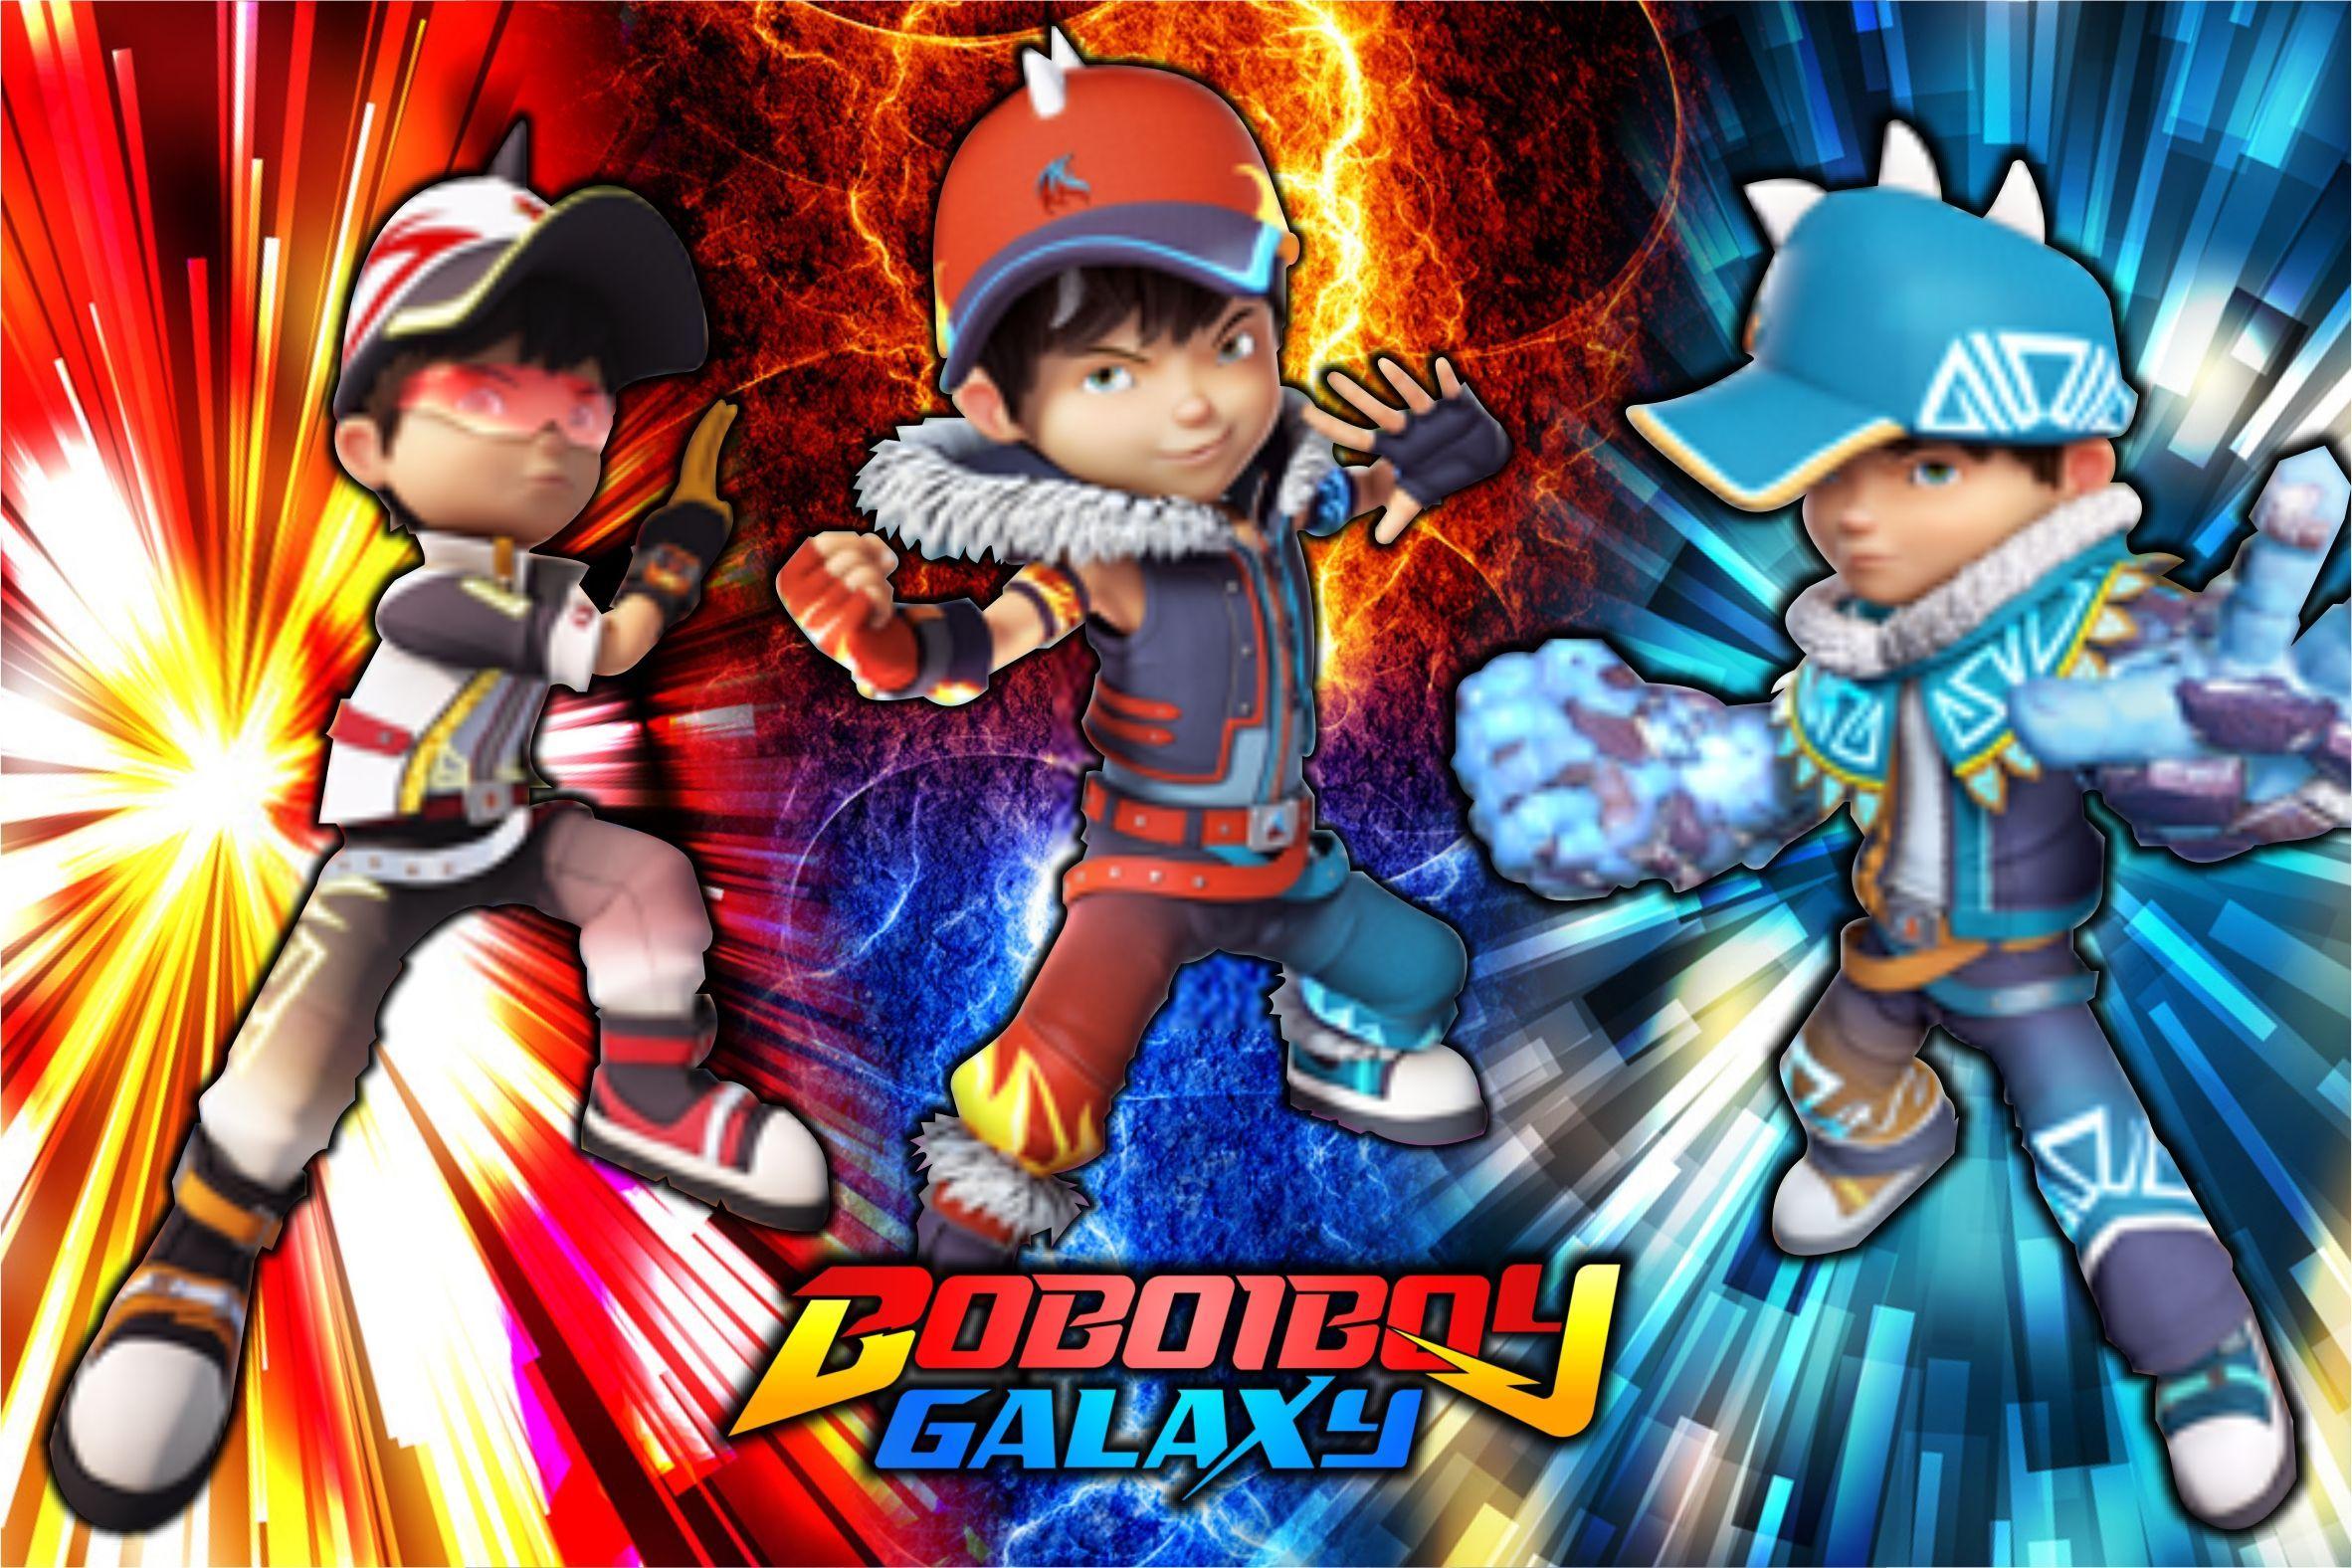 Boboiboy Fusion In 2021 Boboiboy Fusion Anime Galaxy Boboiboy Anime